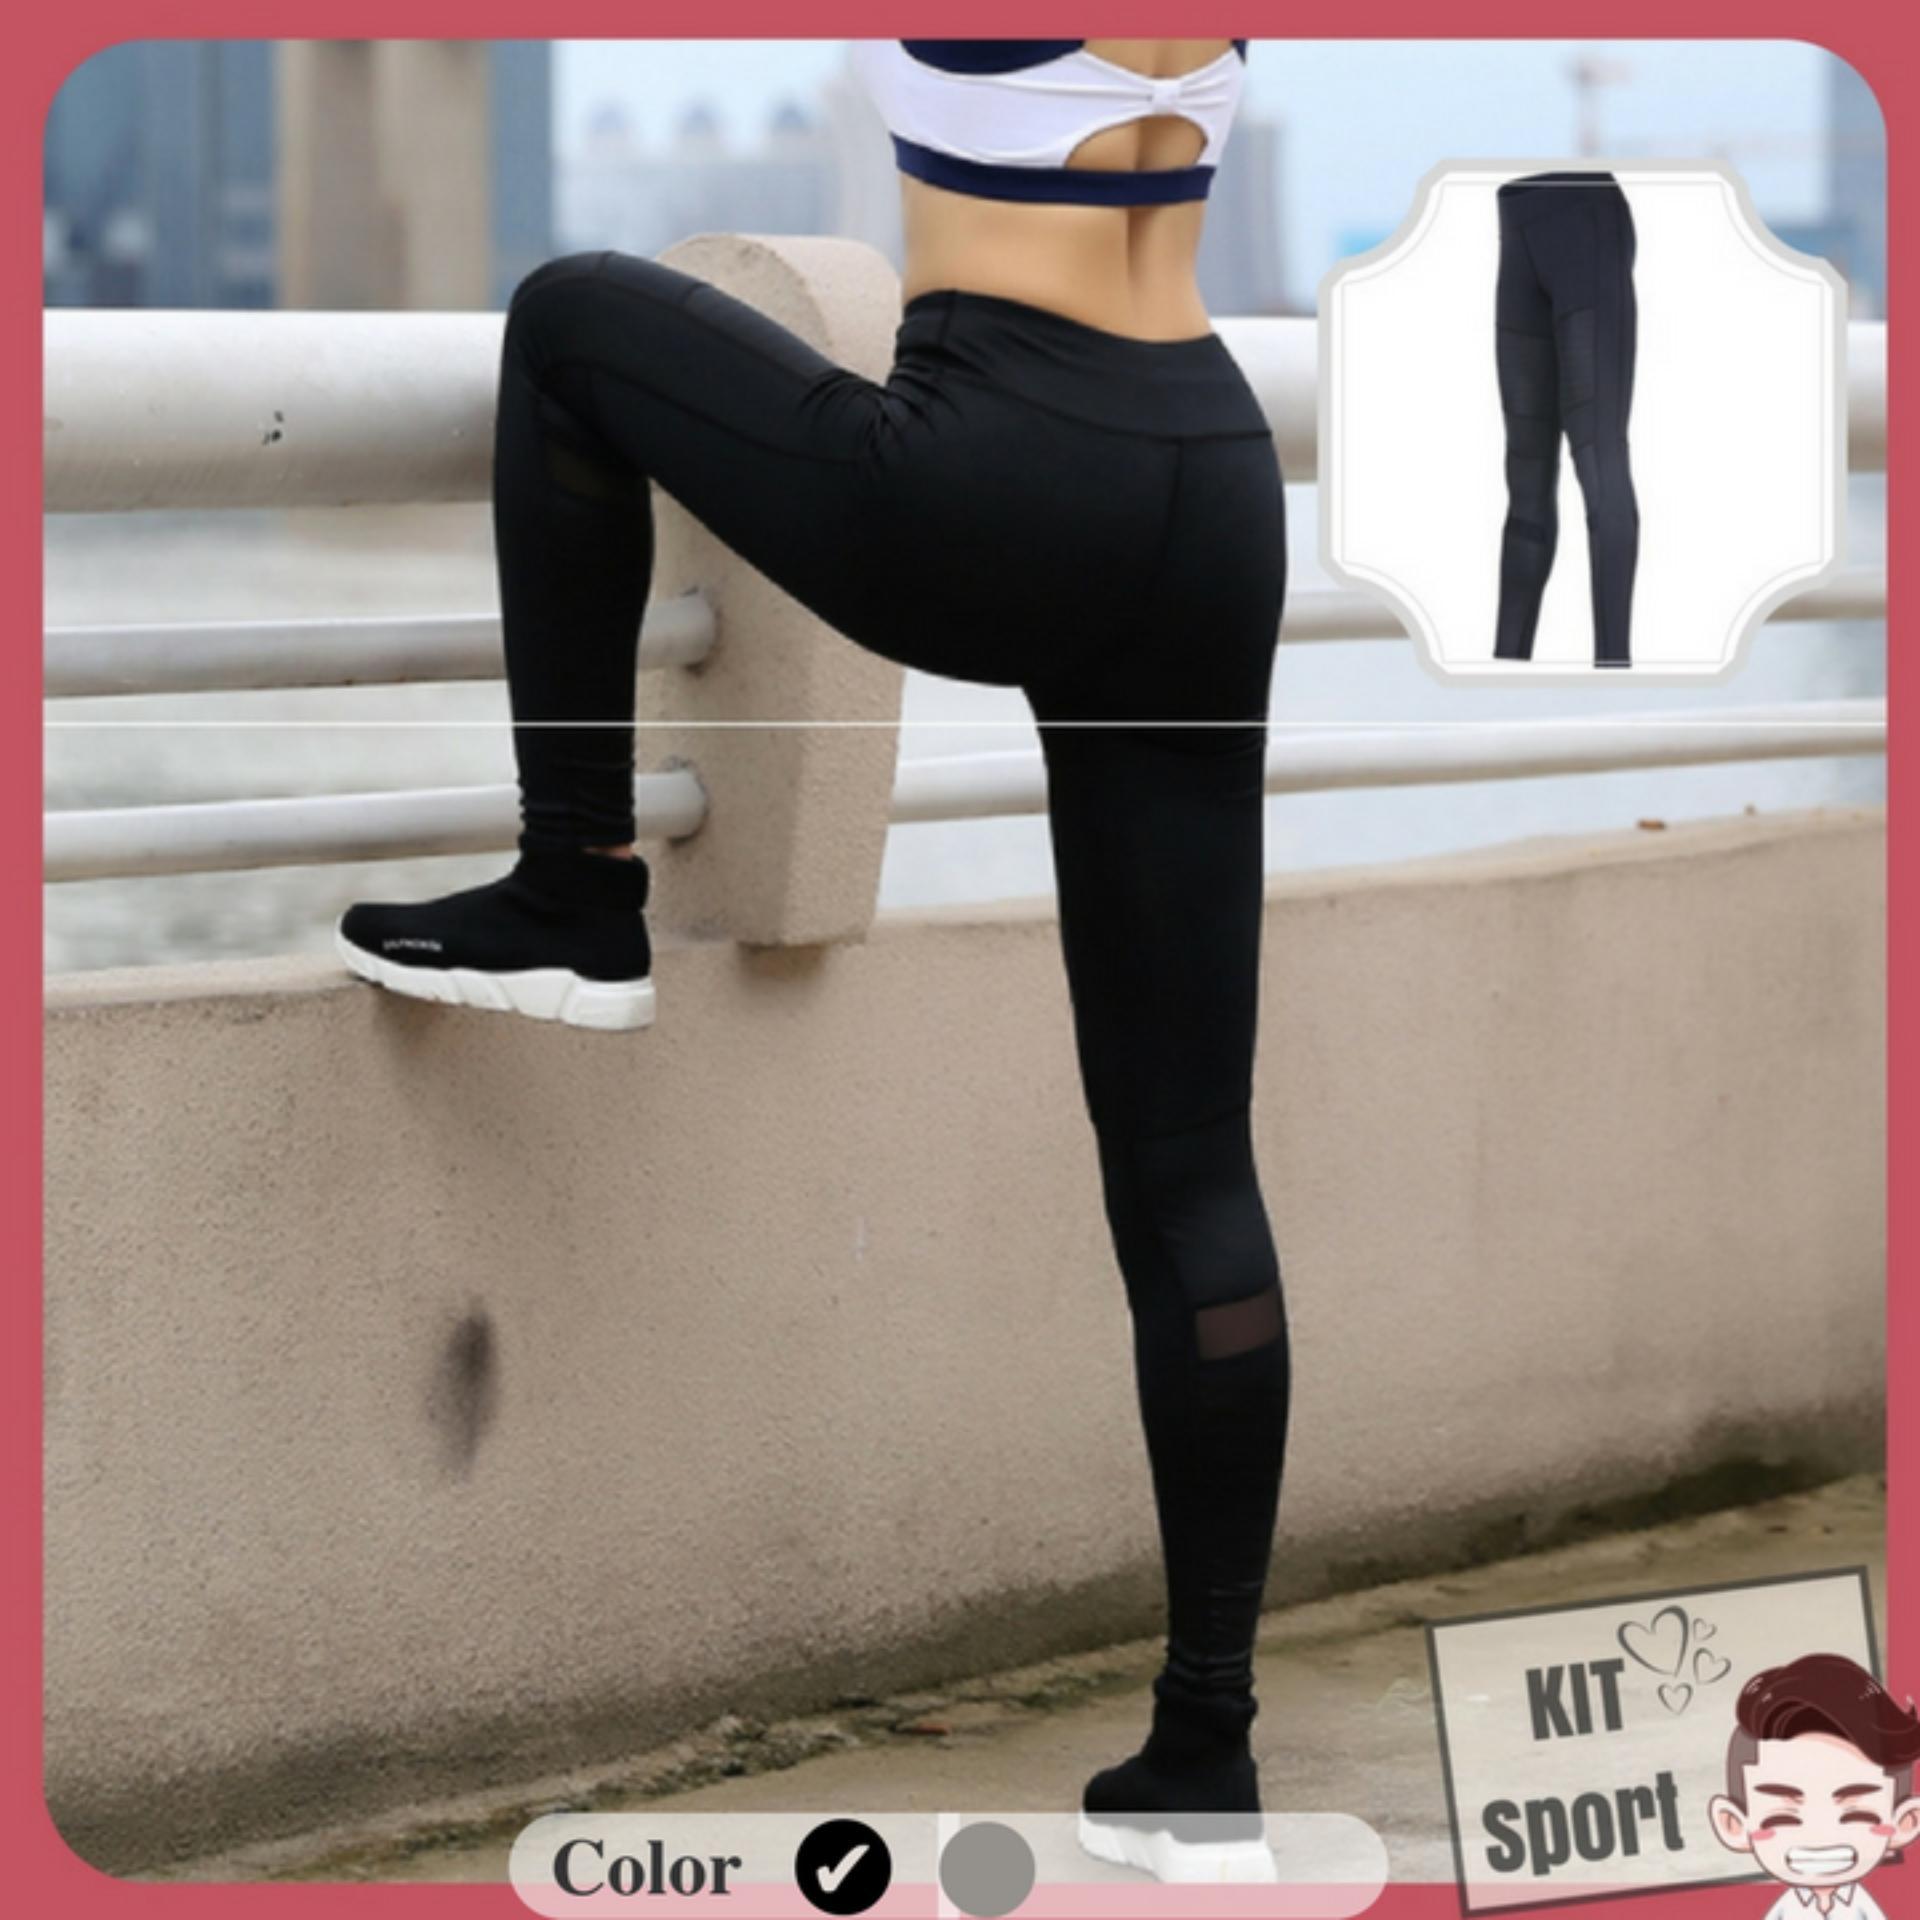 Mua Quần Dai Legging Thể Thao Nữ Instant Plus Hiệu Vansydical Hang Nhập Khẩu Đồ Tập Quần Ao Gym Thể Dục Thể Hinh Yoga Kit Sport Rẻ Hà Nội